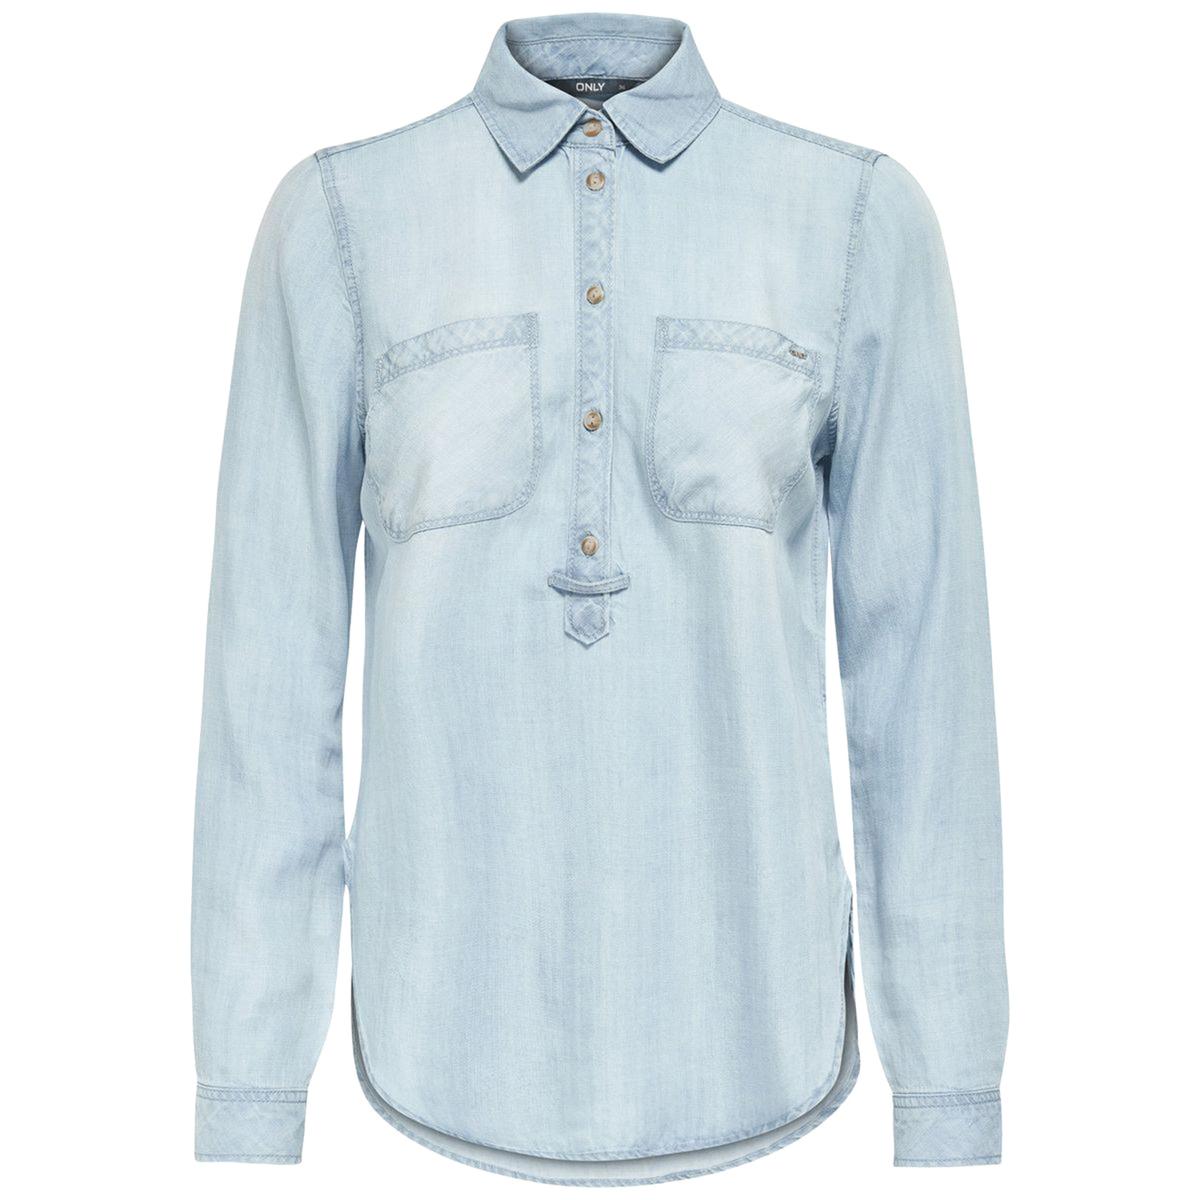 Блузка из легкого денимаМатериал : 100% лиоцелл    Длина рукава : длинные рукава  Форма воротника : воротник-поло, рубашечный  Длина блузки : стандартная   Рисунок : однотонная модель<br><br>Цвет: голубой